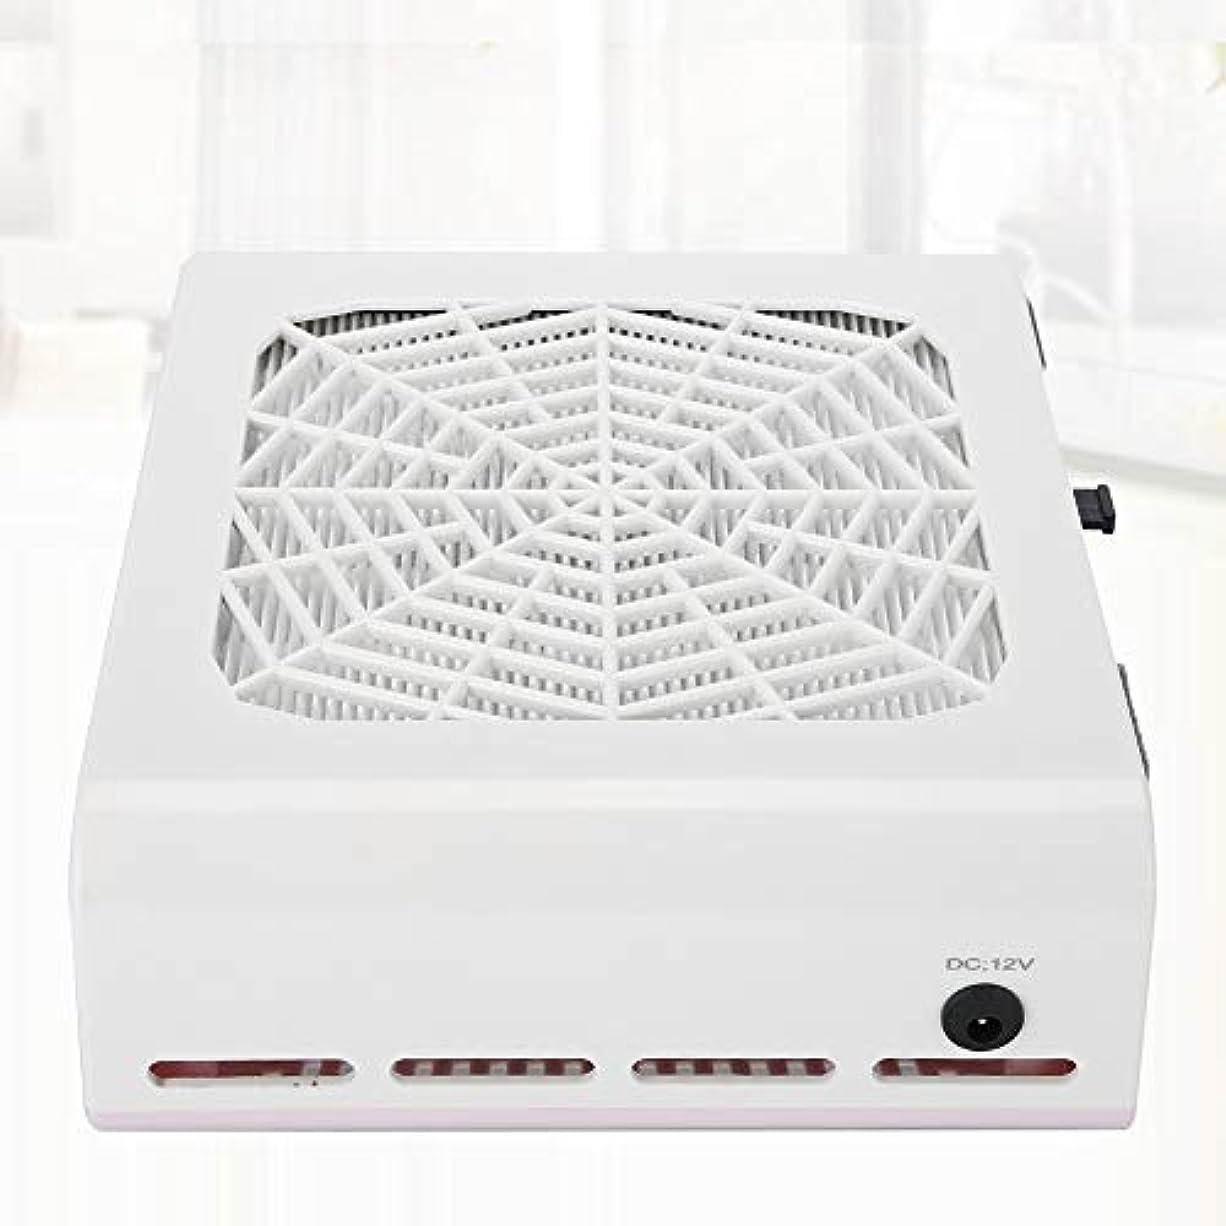 孤独サンプル滴下ネイルダスト 集塵機 ダストコレクター ネイルケア 強い吸収力 40W ネイルダスト吸引 お手入れ簡単 ネイルファン (ホワイト40W 二代)